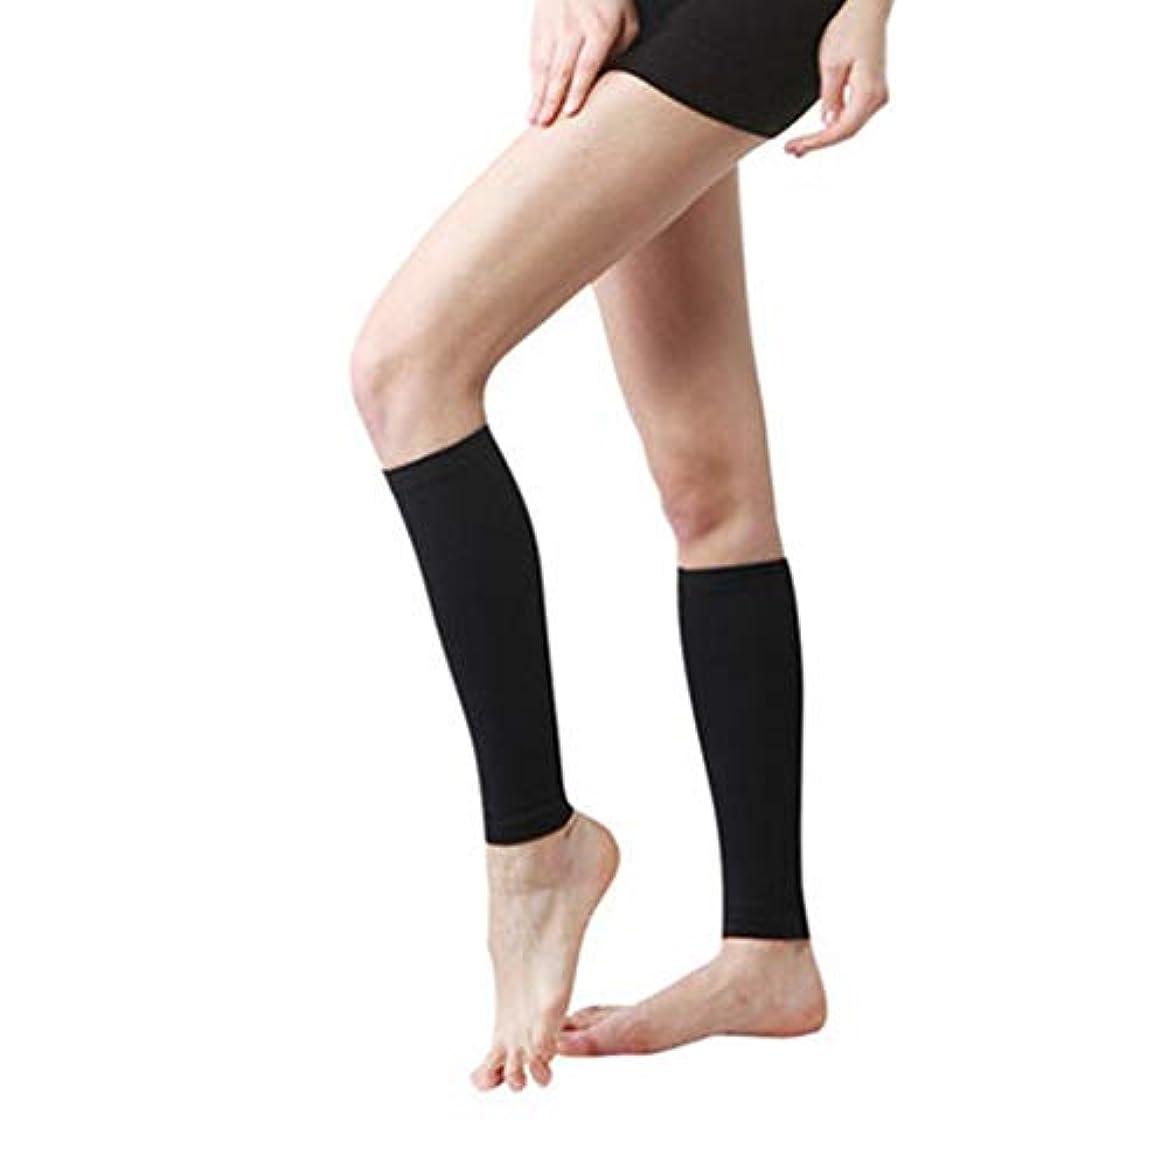 マイクロフォンジェット慎重に丈夫な男性女性プロの圧縮靴下通気性のある旅行活動看護師用シンススプリントフライトトラベル - ブラック